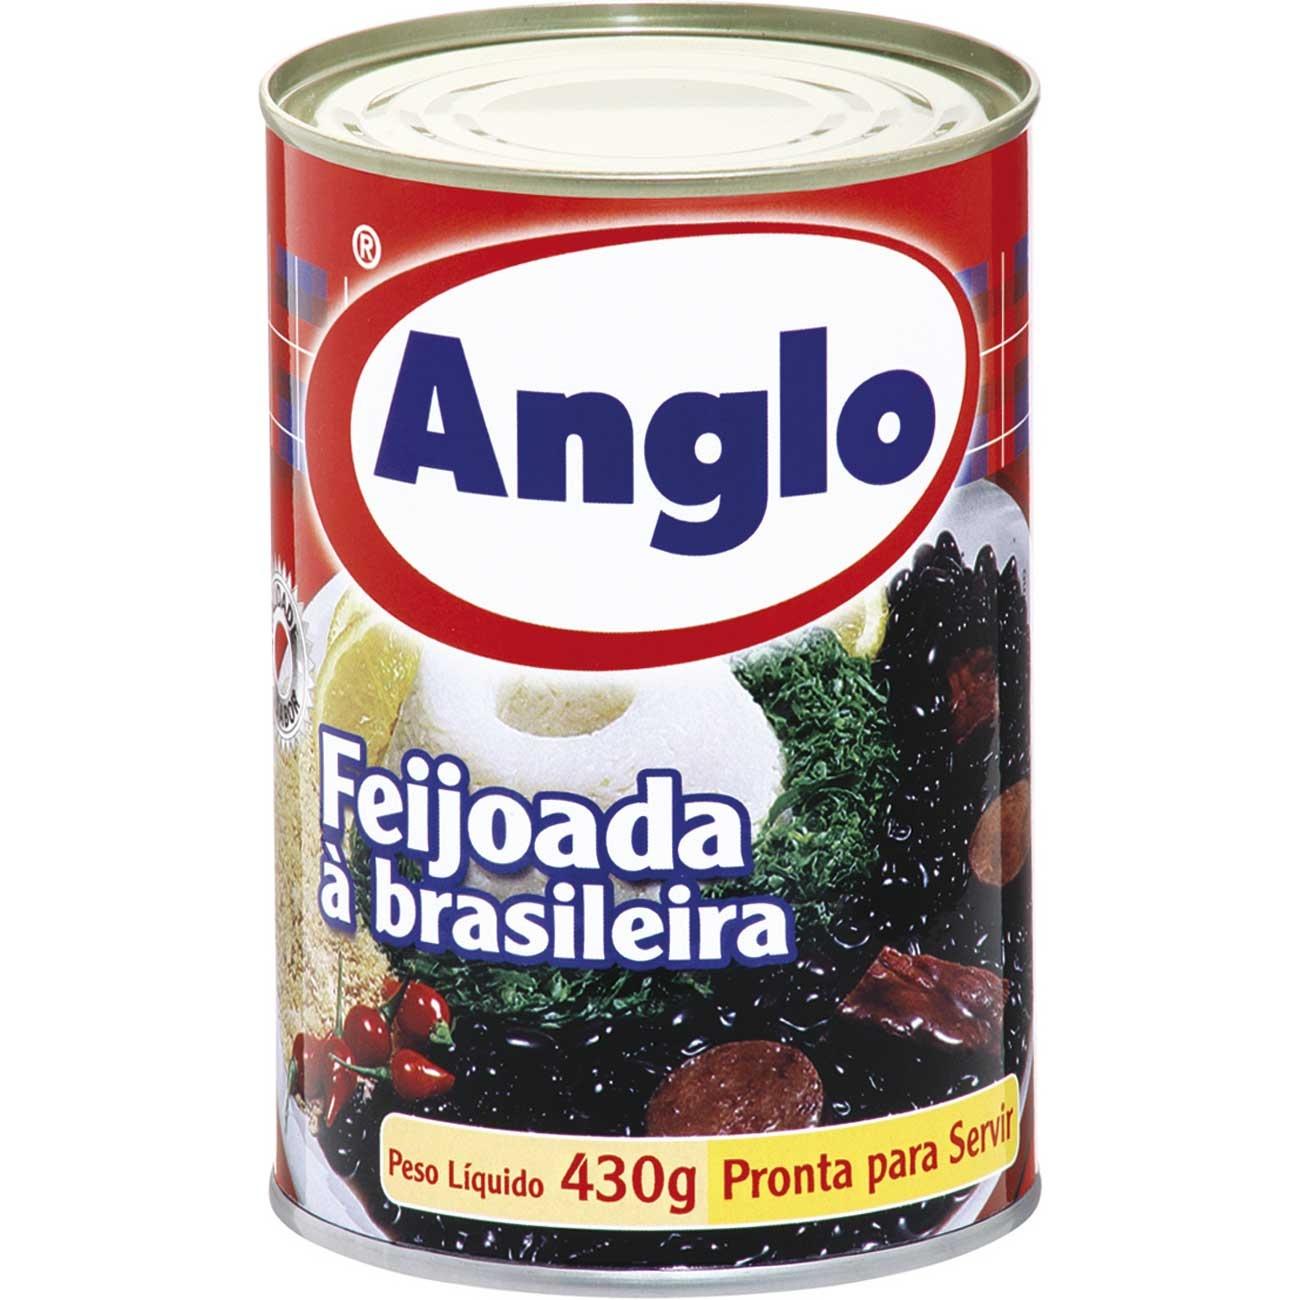 Feijoada Anglo À Brasileira Lata 430g | Caixa com 24 unidades